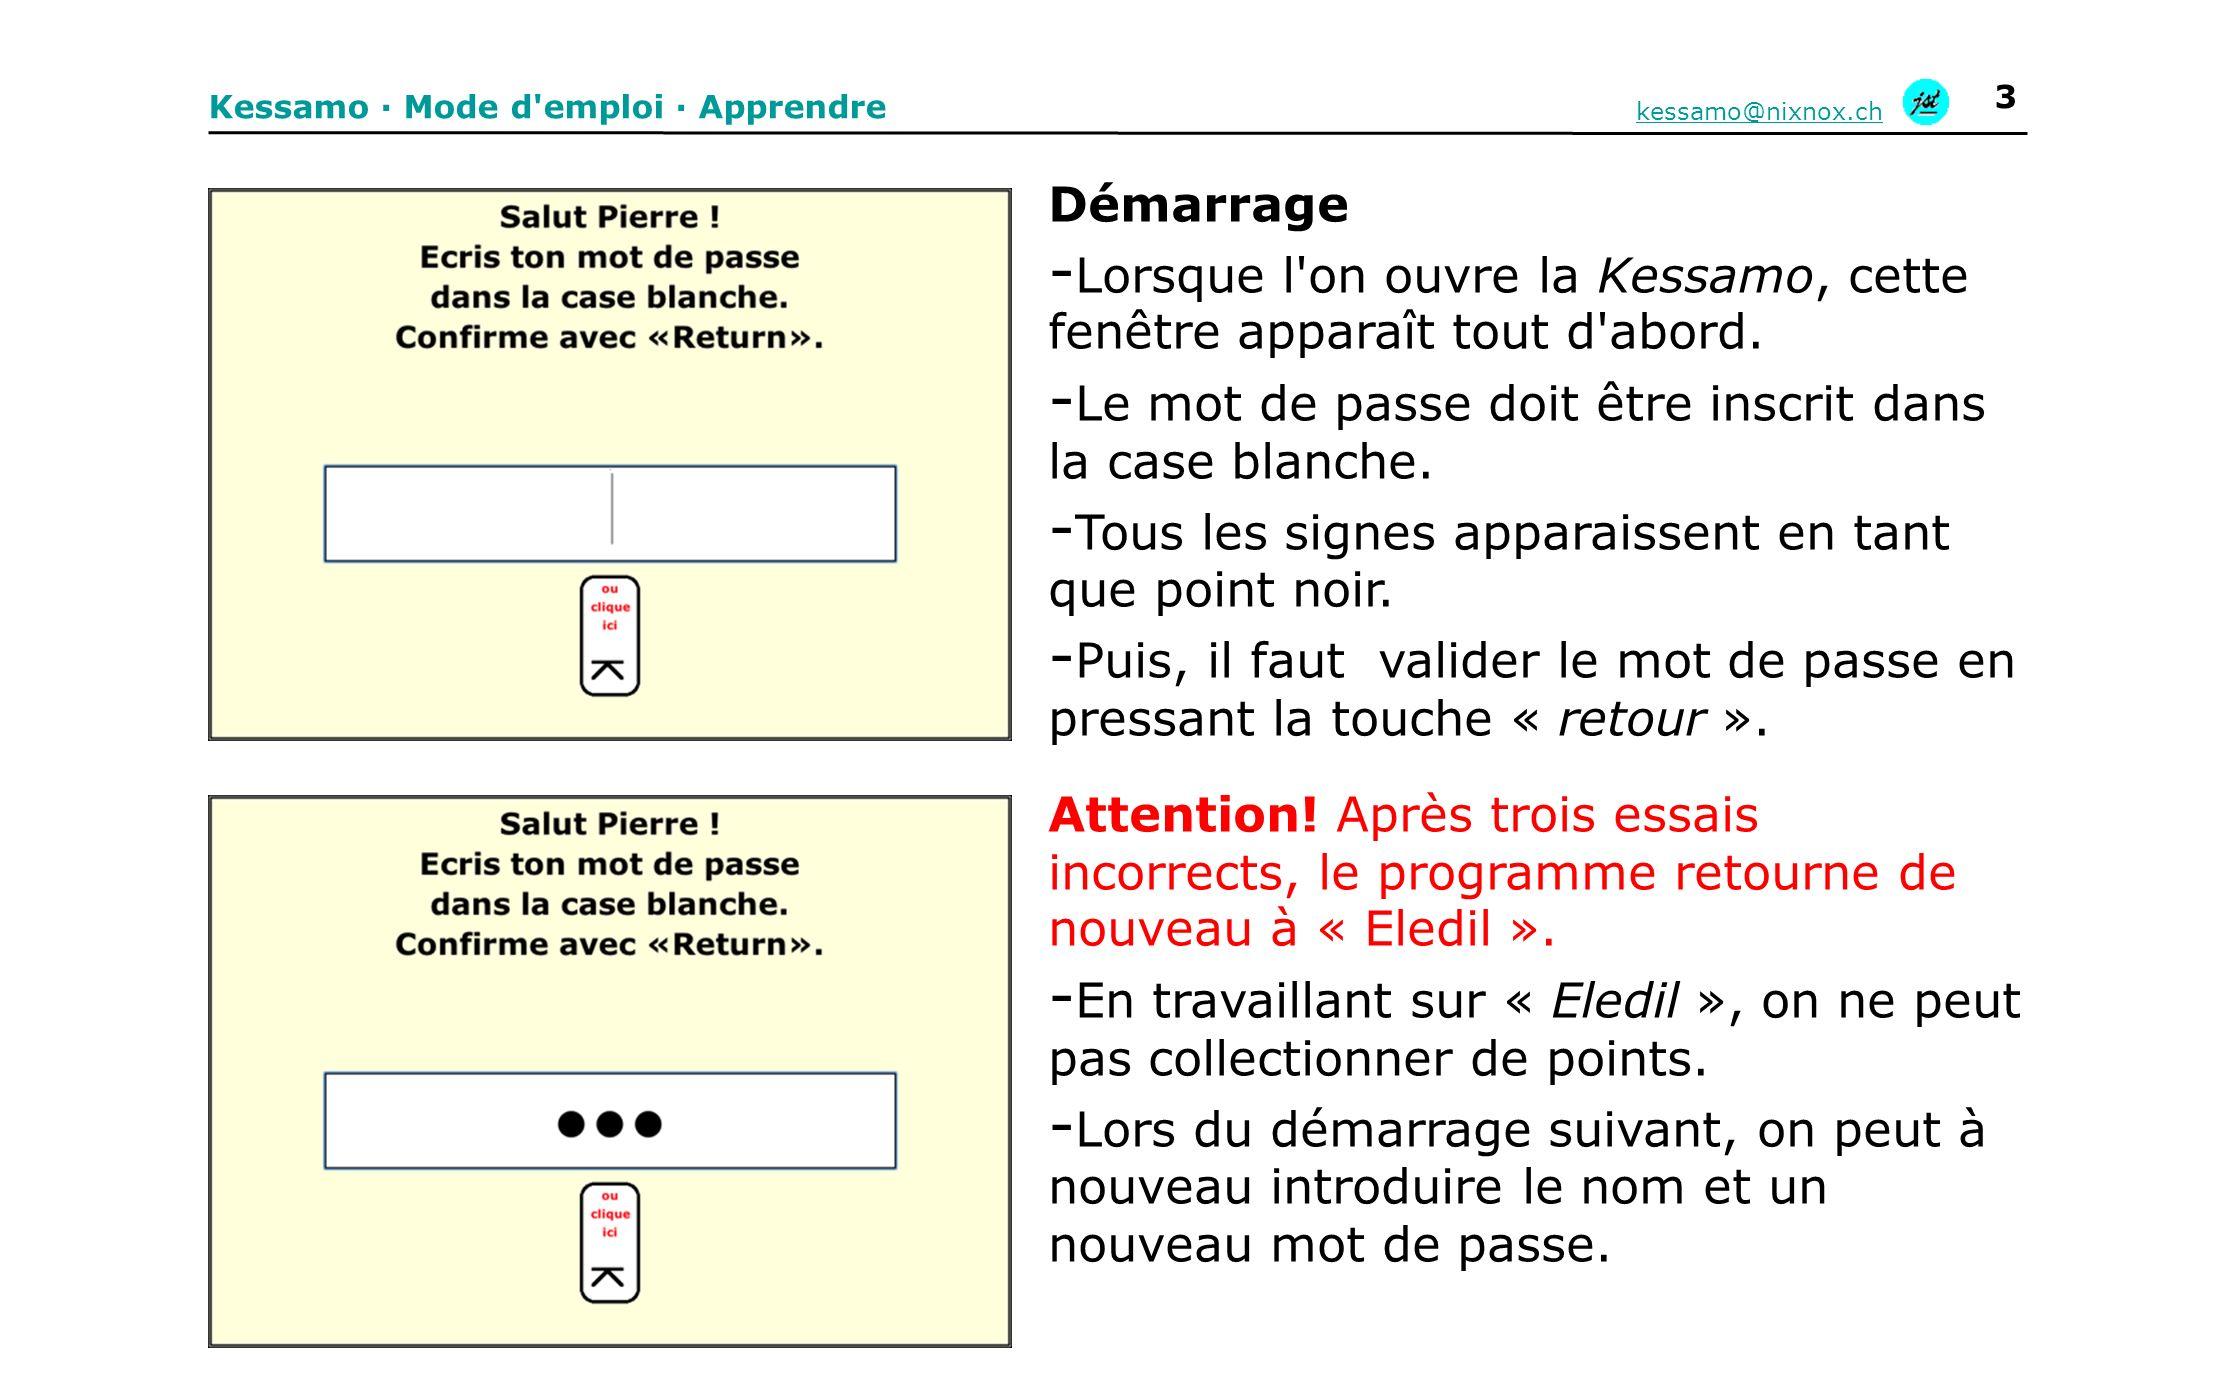 Kessamo · Mode d emploi · Apprendre kessamo@nixnox.ch 4 - Le mot de passe est alors confirmé et après avoir cliqué sur « Clique ici » la fiche de départ apparaît.